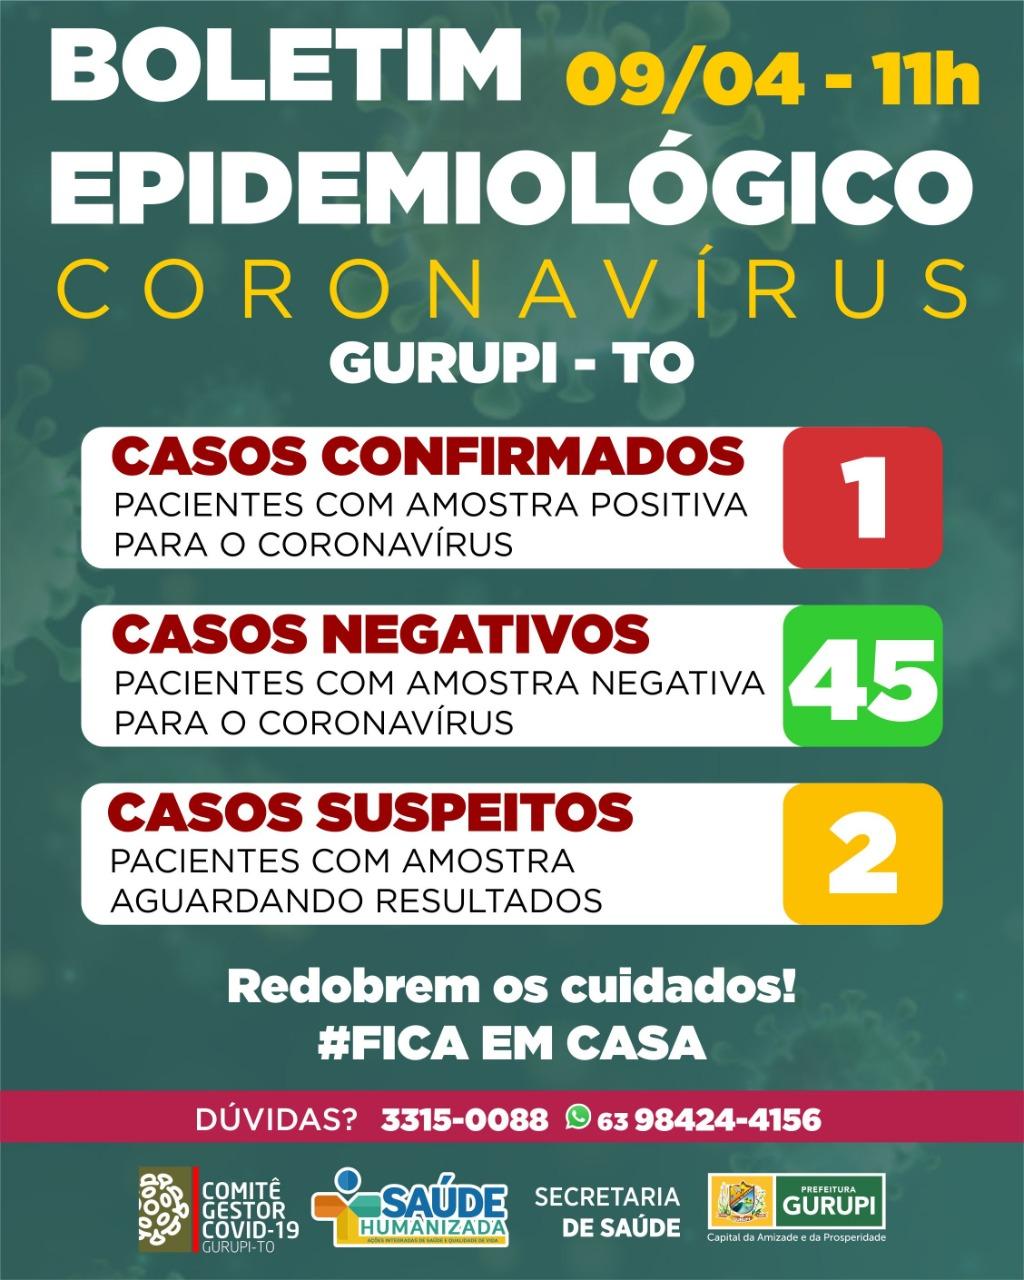 Prefeitura de Gurupi divulga boletim epidemiológico atualizado, confira